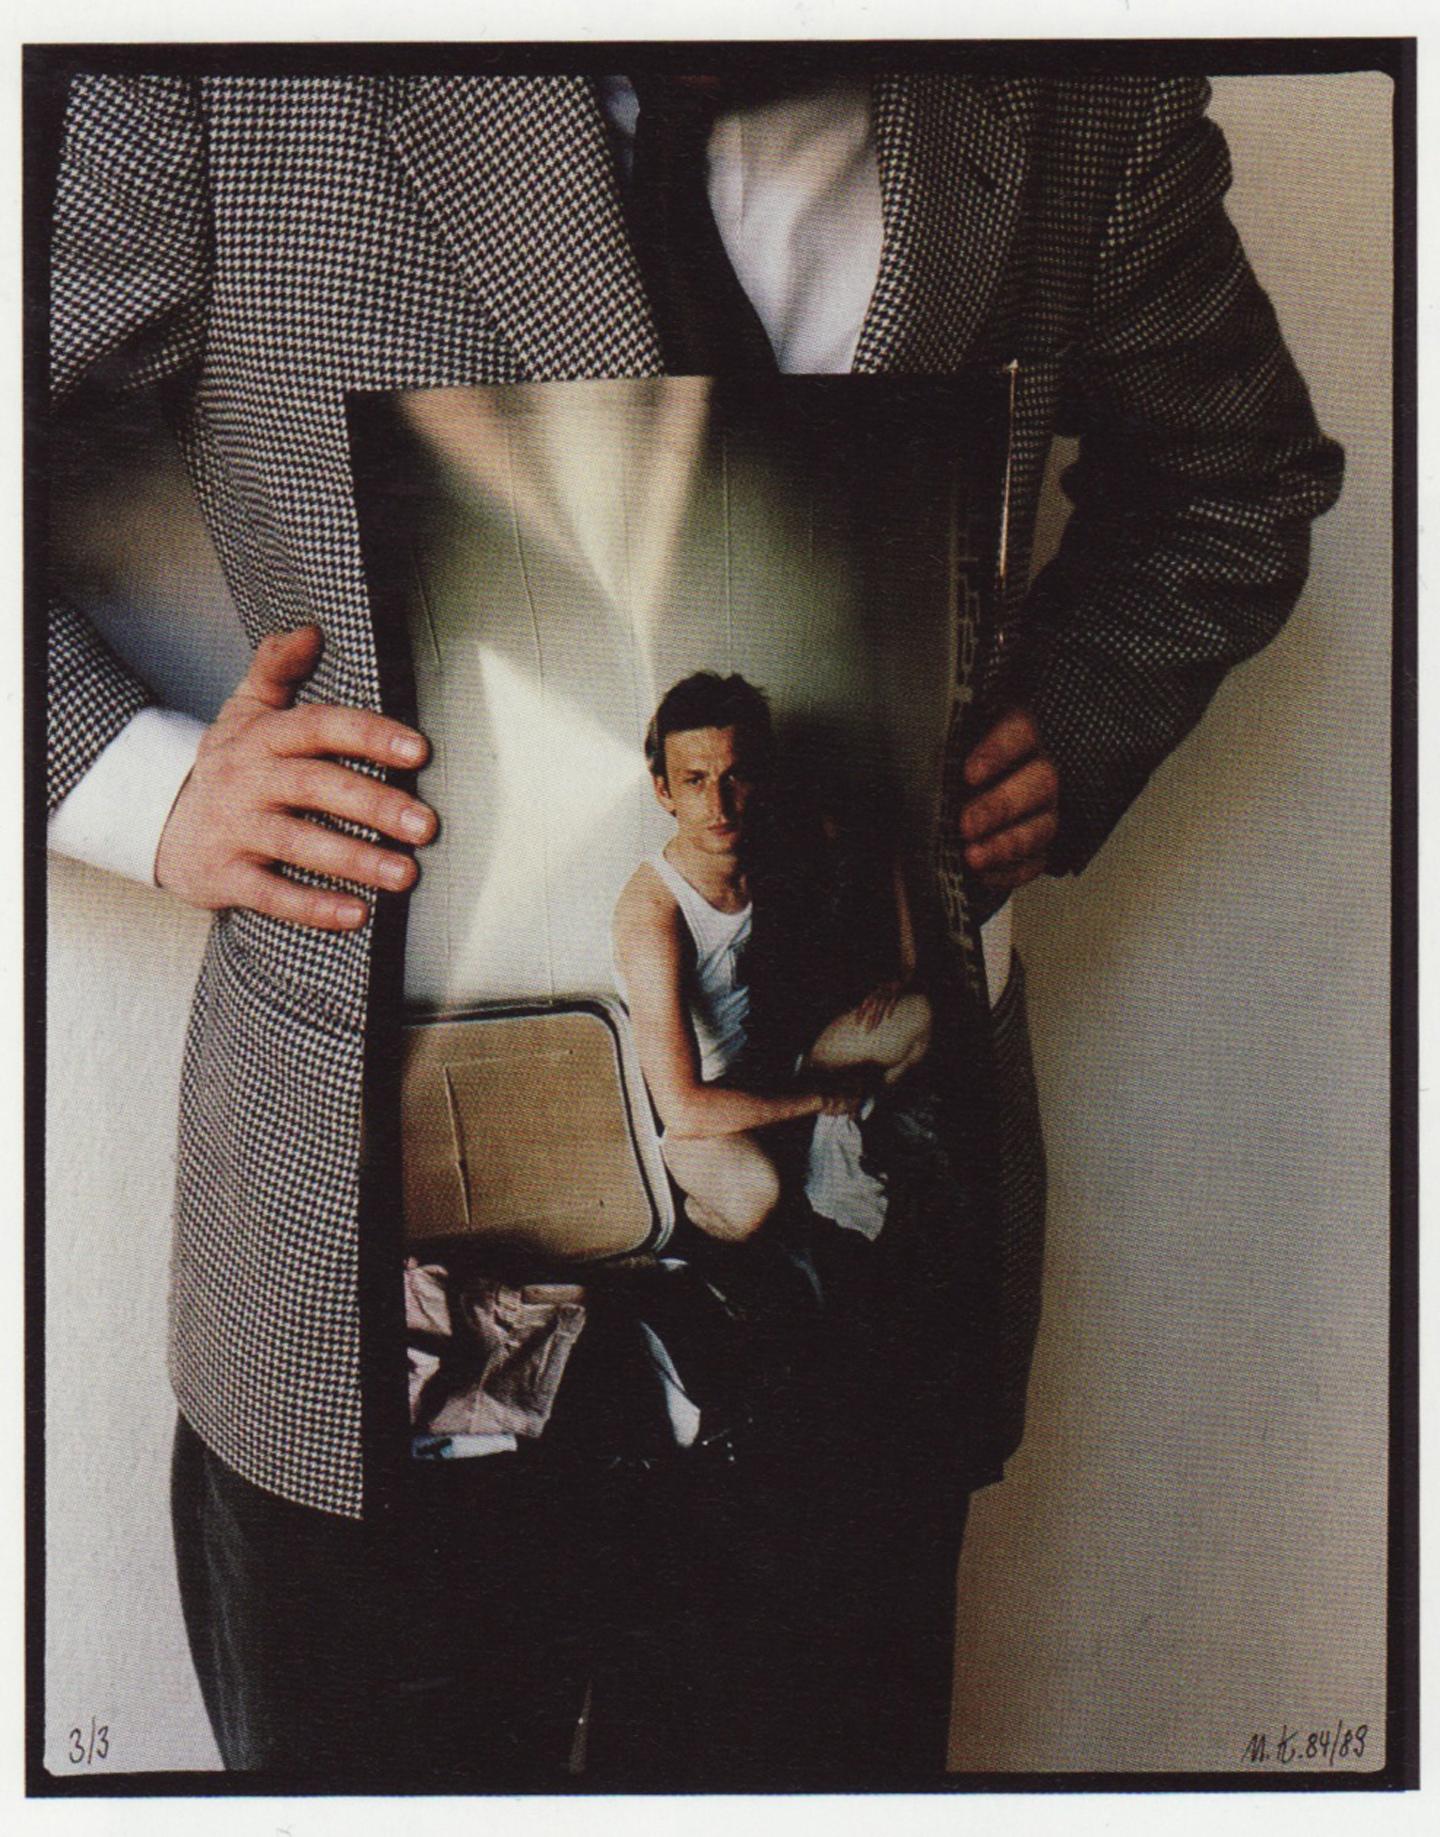 Martin Kippenberger, Wenn Sie mit der Freiheit nicht klarkommen, versuchen Sie es doch mal mit Frauen (If You Can't Handle Freedom, Try Seeing How Far You Can Get With Women), 1984-1989. Courtesy: Galerie Gisela Capitain, Cologne